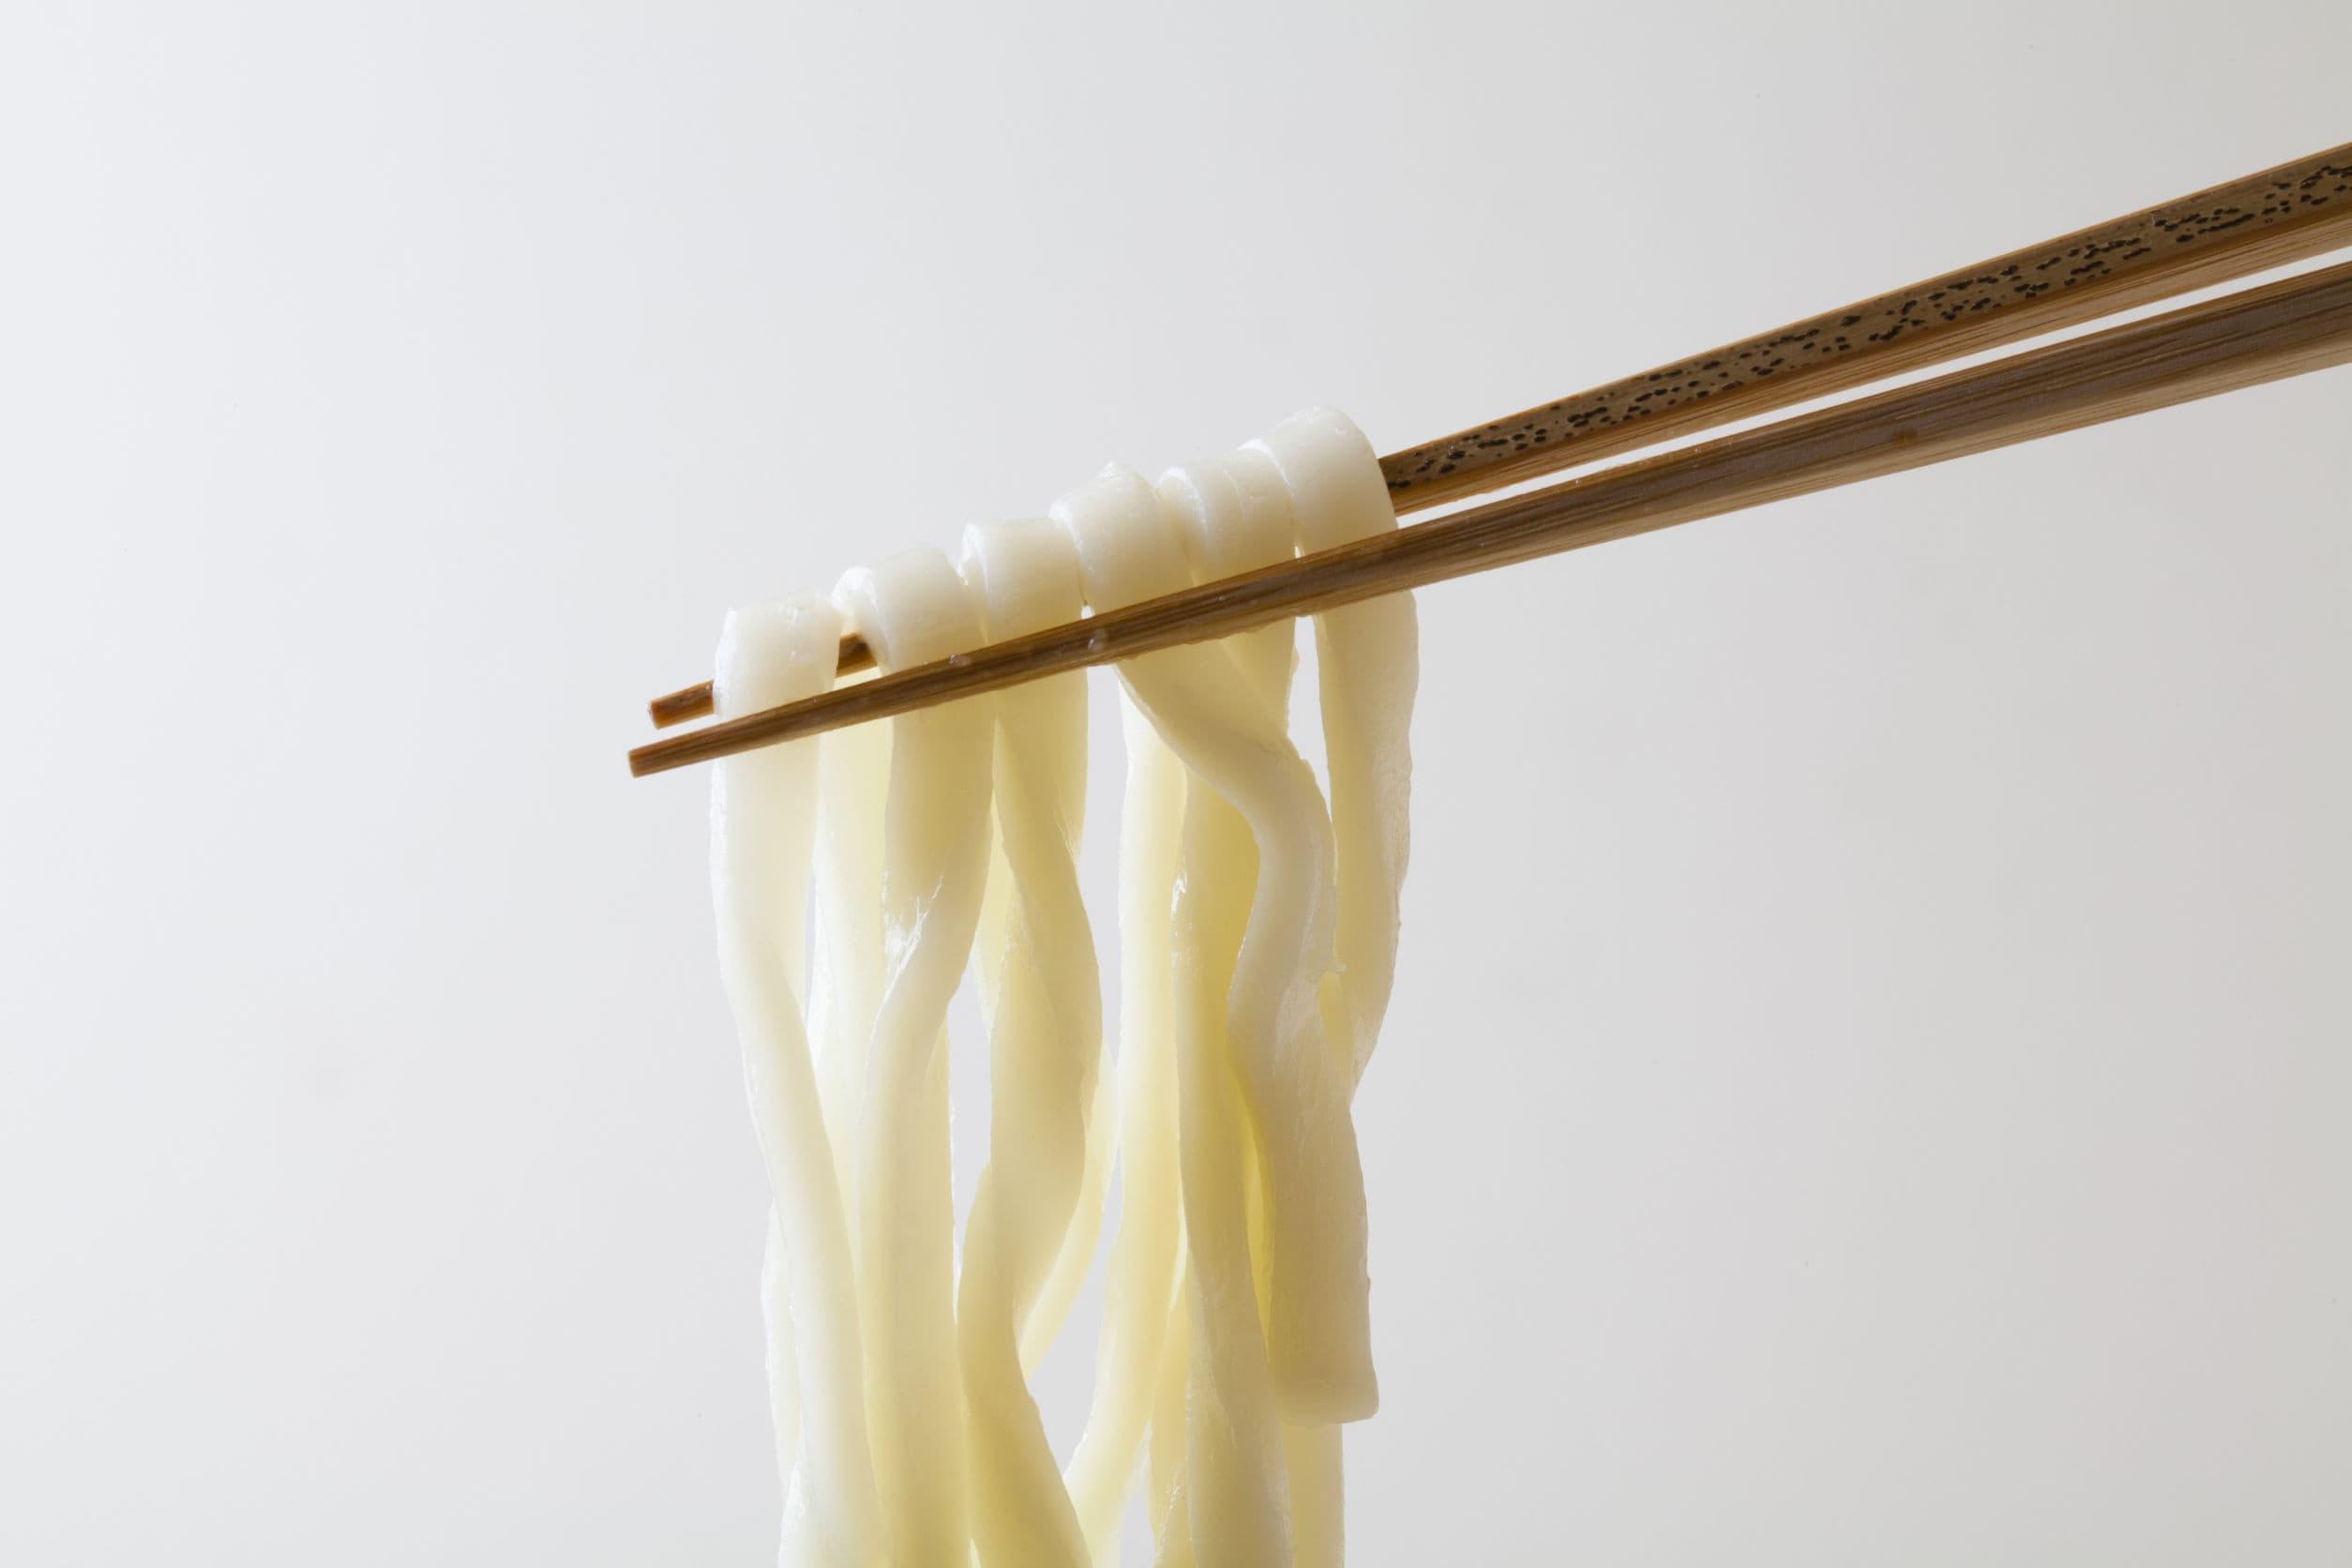 うどんダイエット食べ方